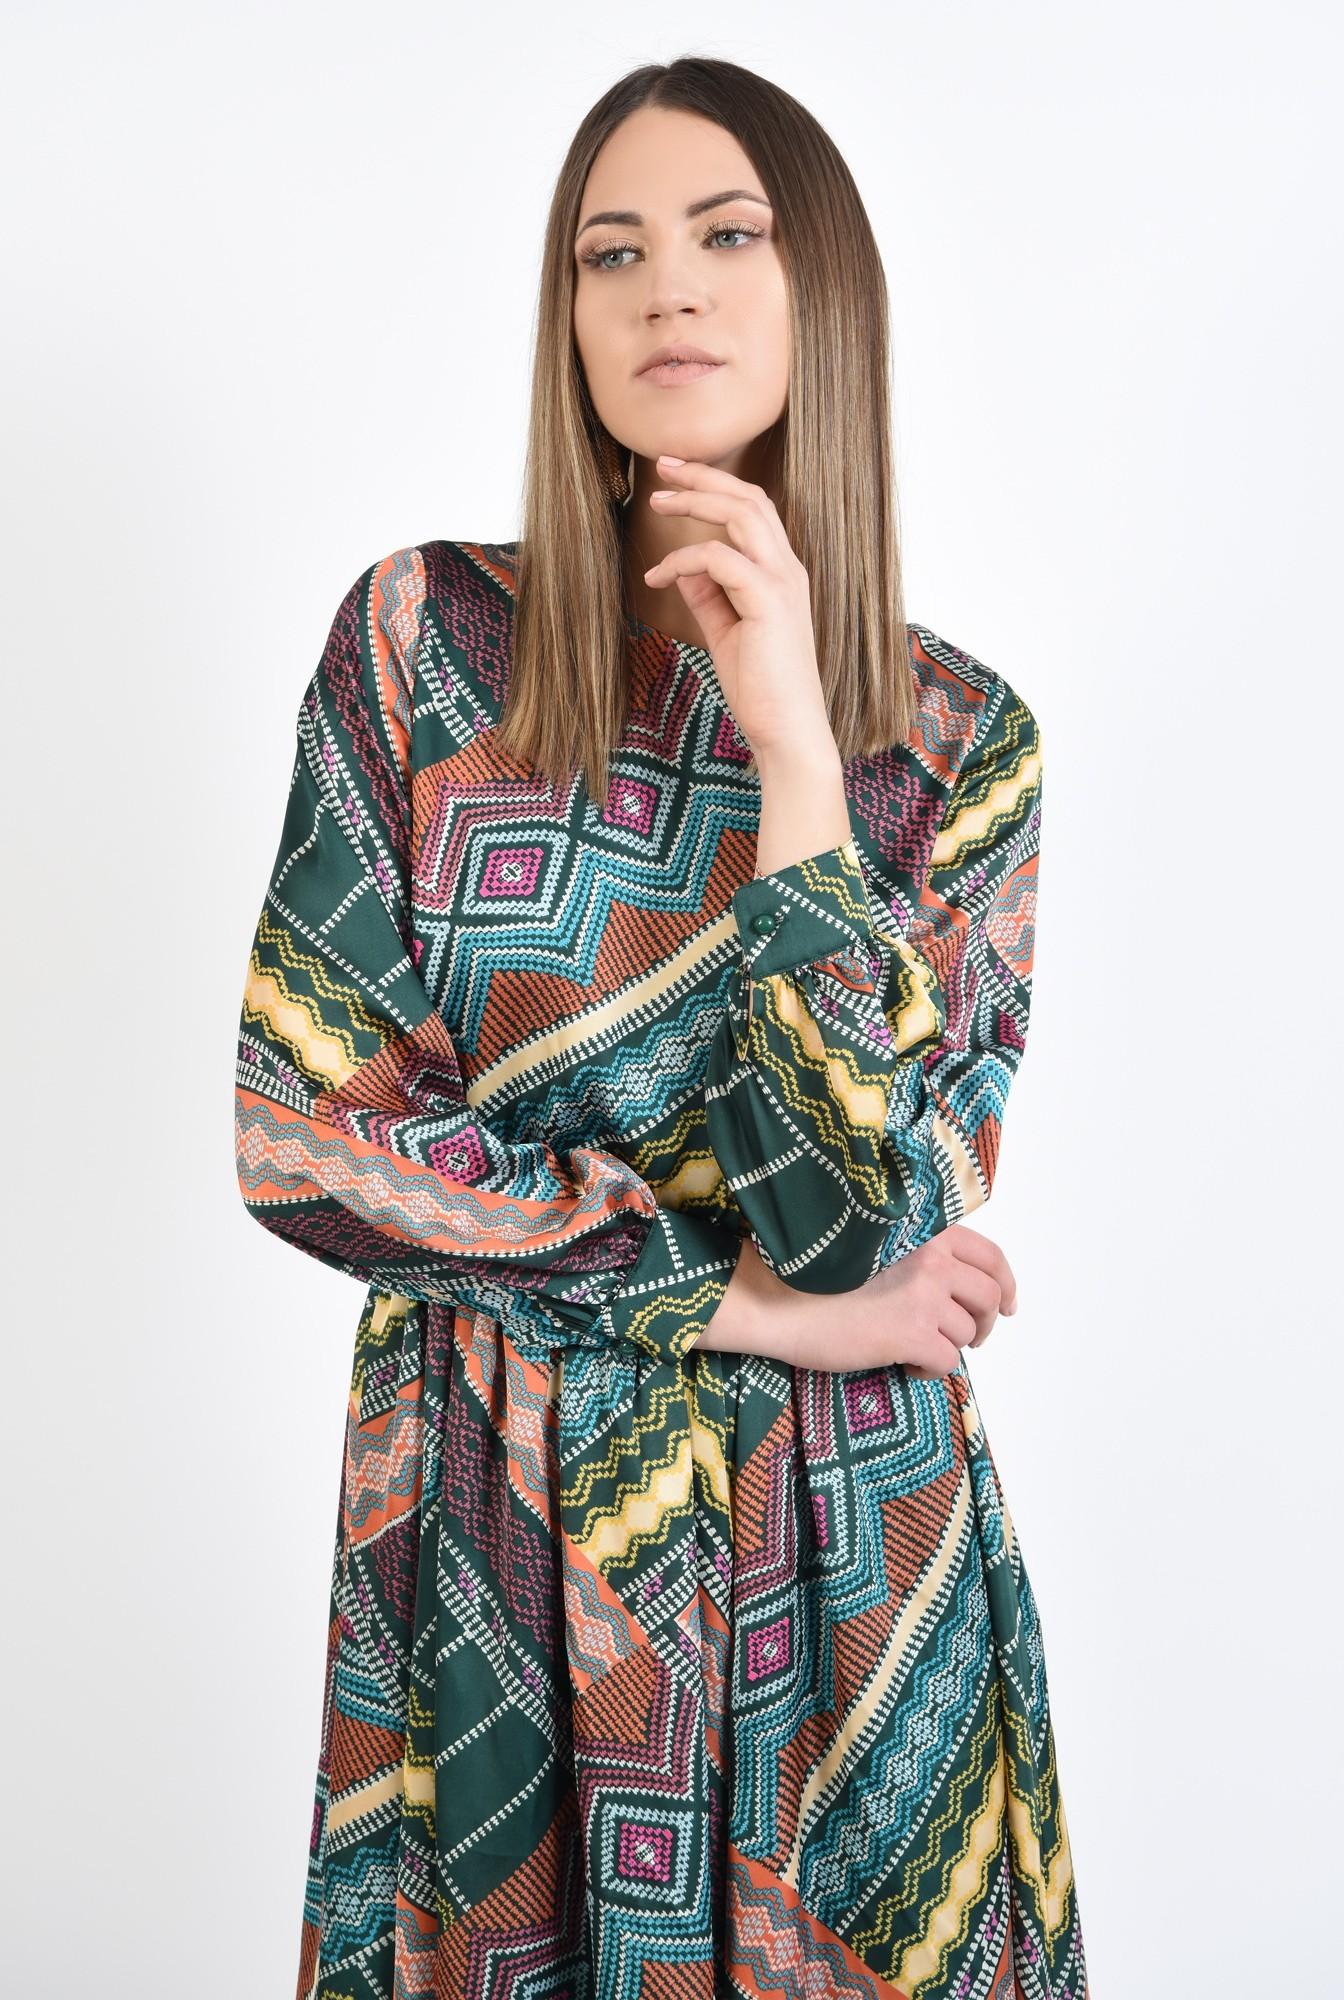 2 - 360 - rochie casual, imprimata, print geometric multicolor, lungime midi, evazata